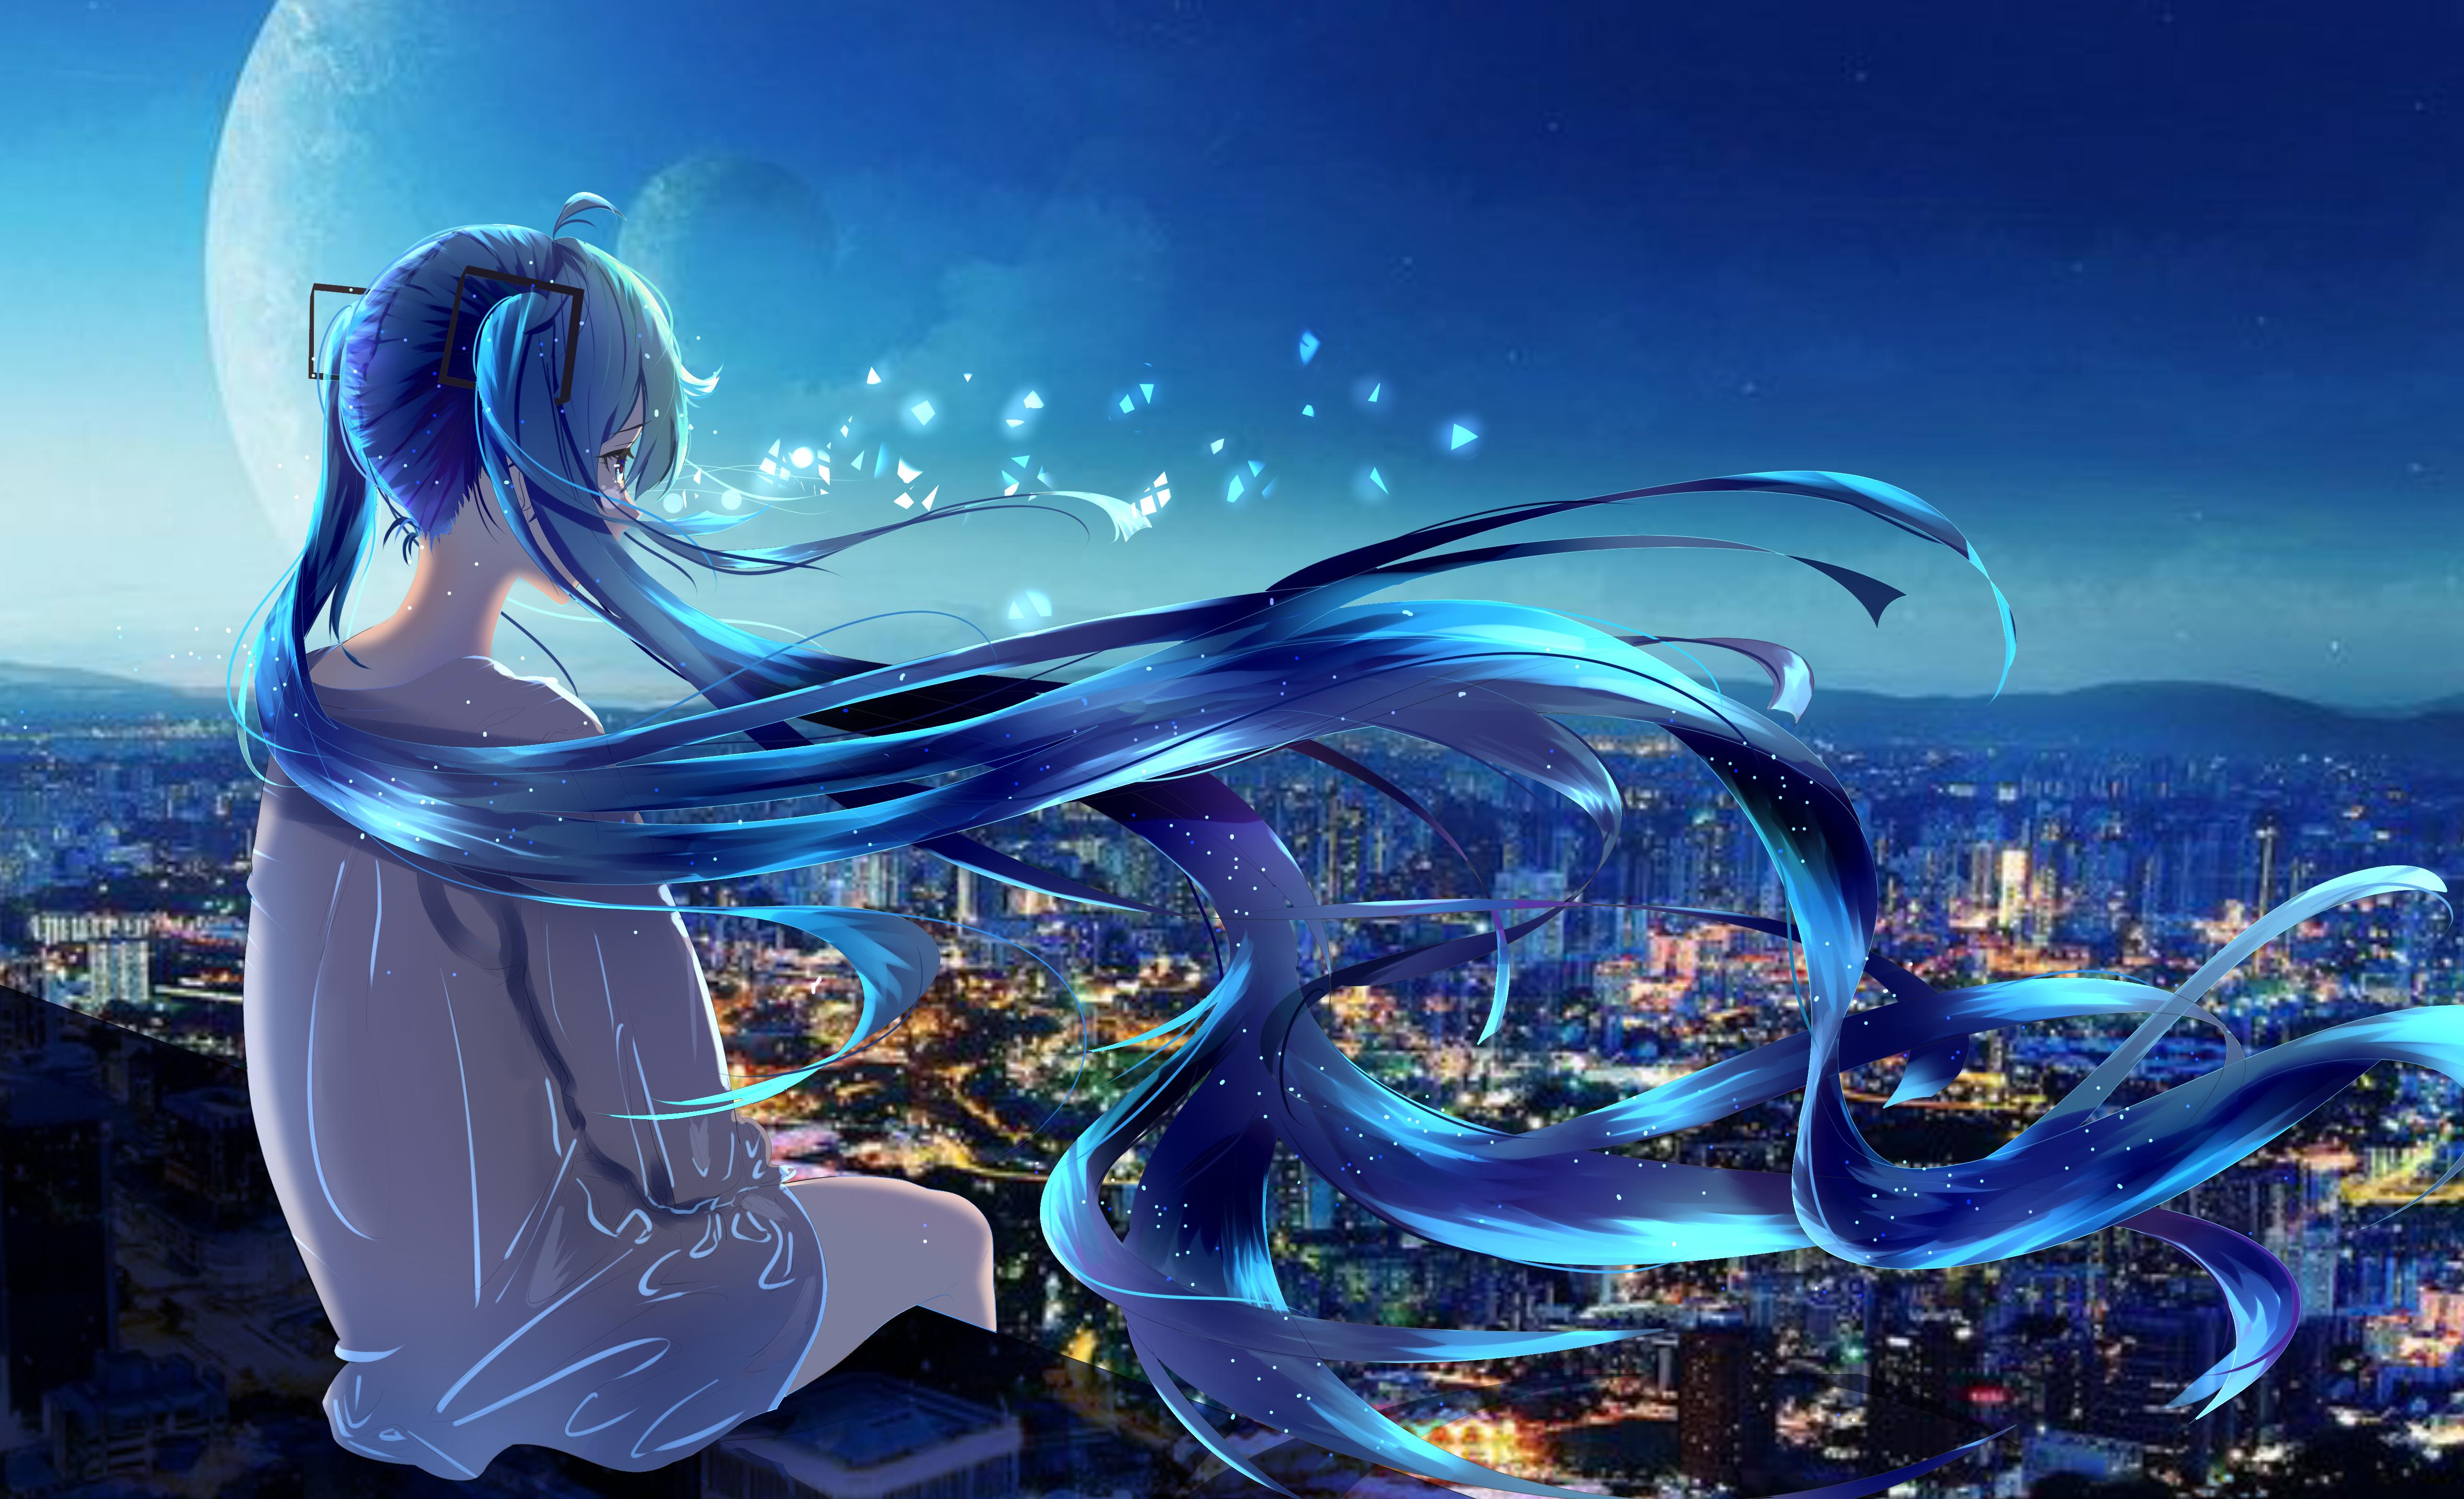 4K Wallpaper Anime girl, Alone, Fantasy, 5K, Fantasy, #3